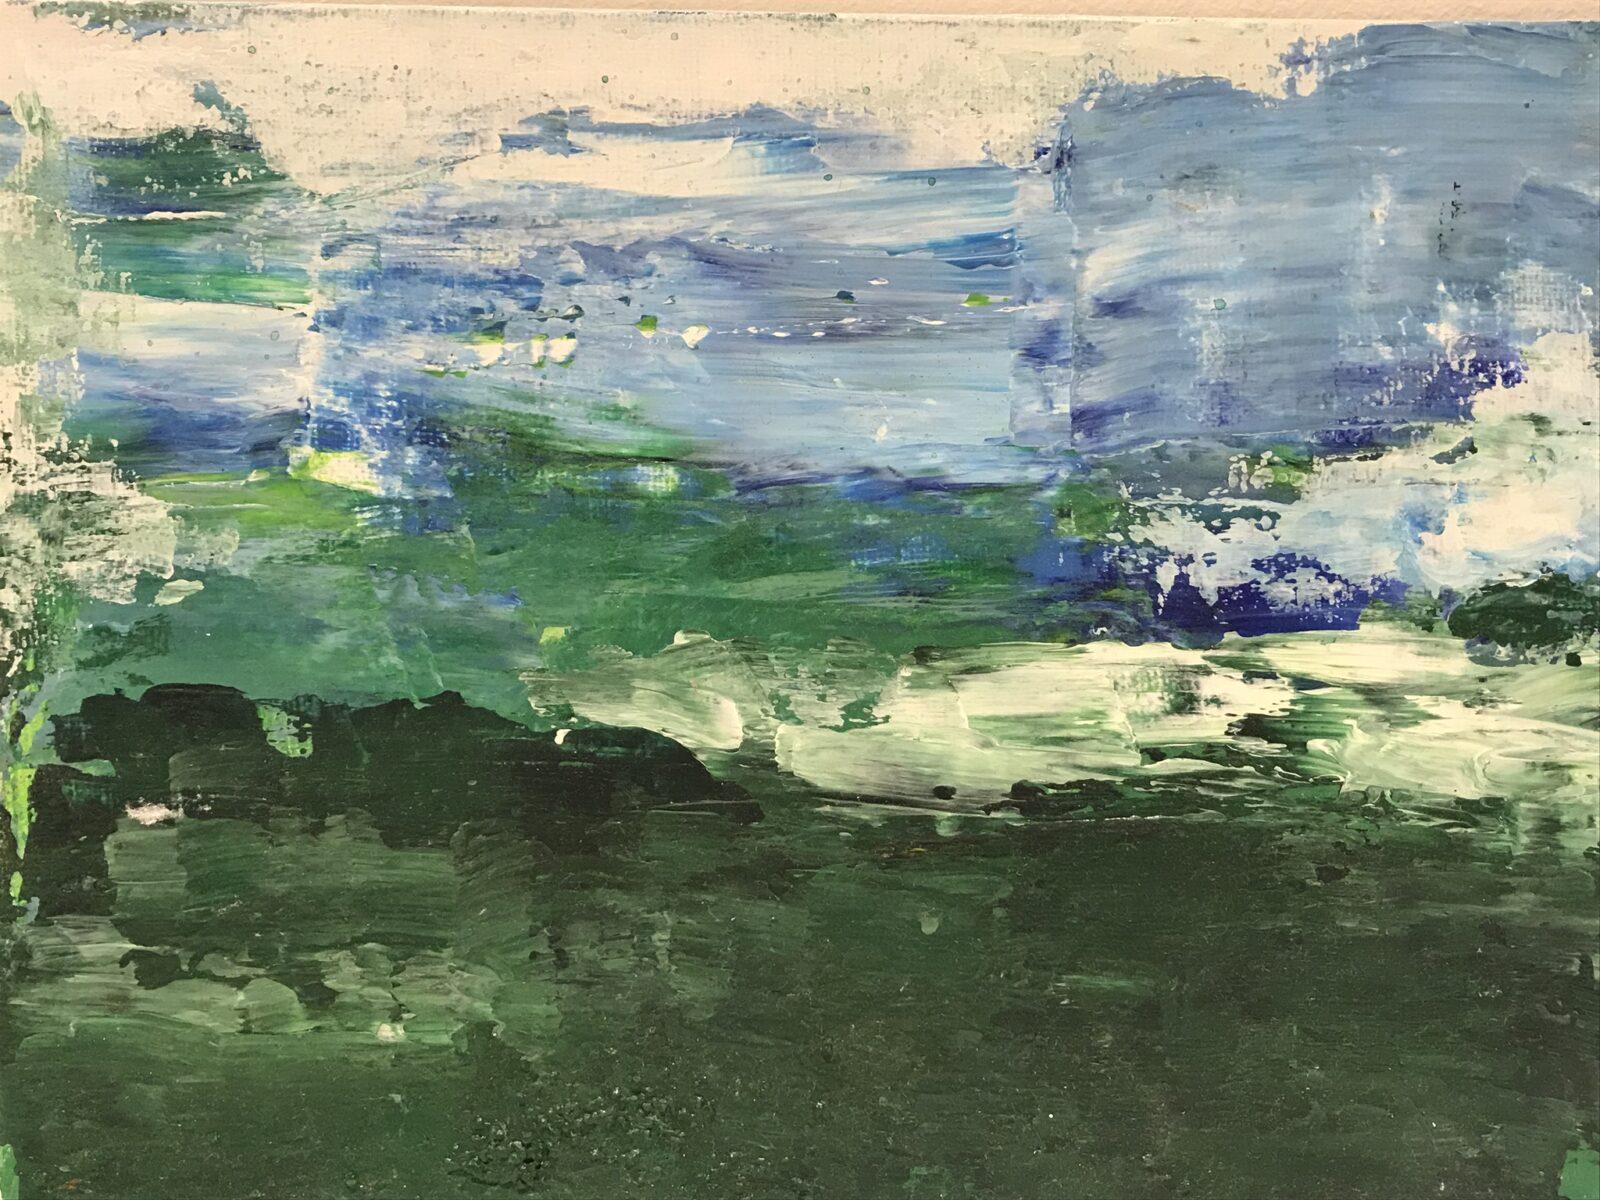 Las po Deszczu - Marta Konert